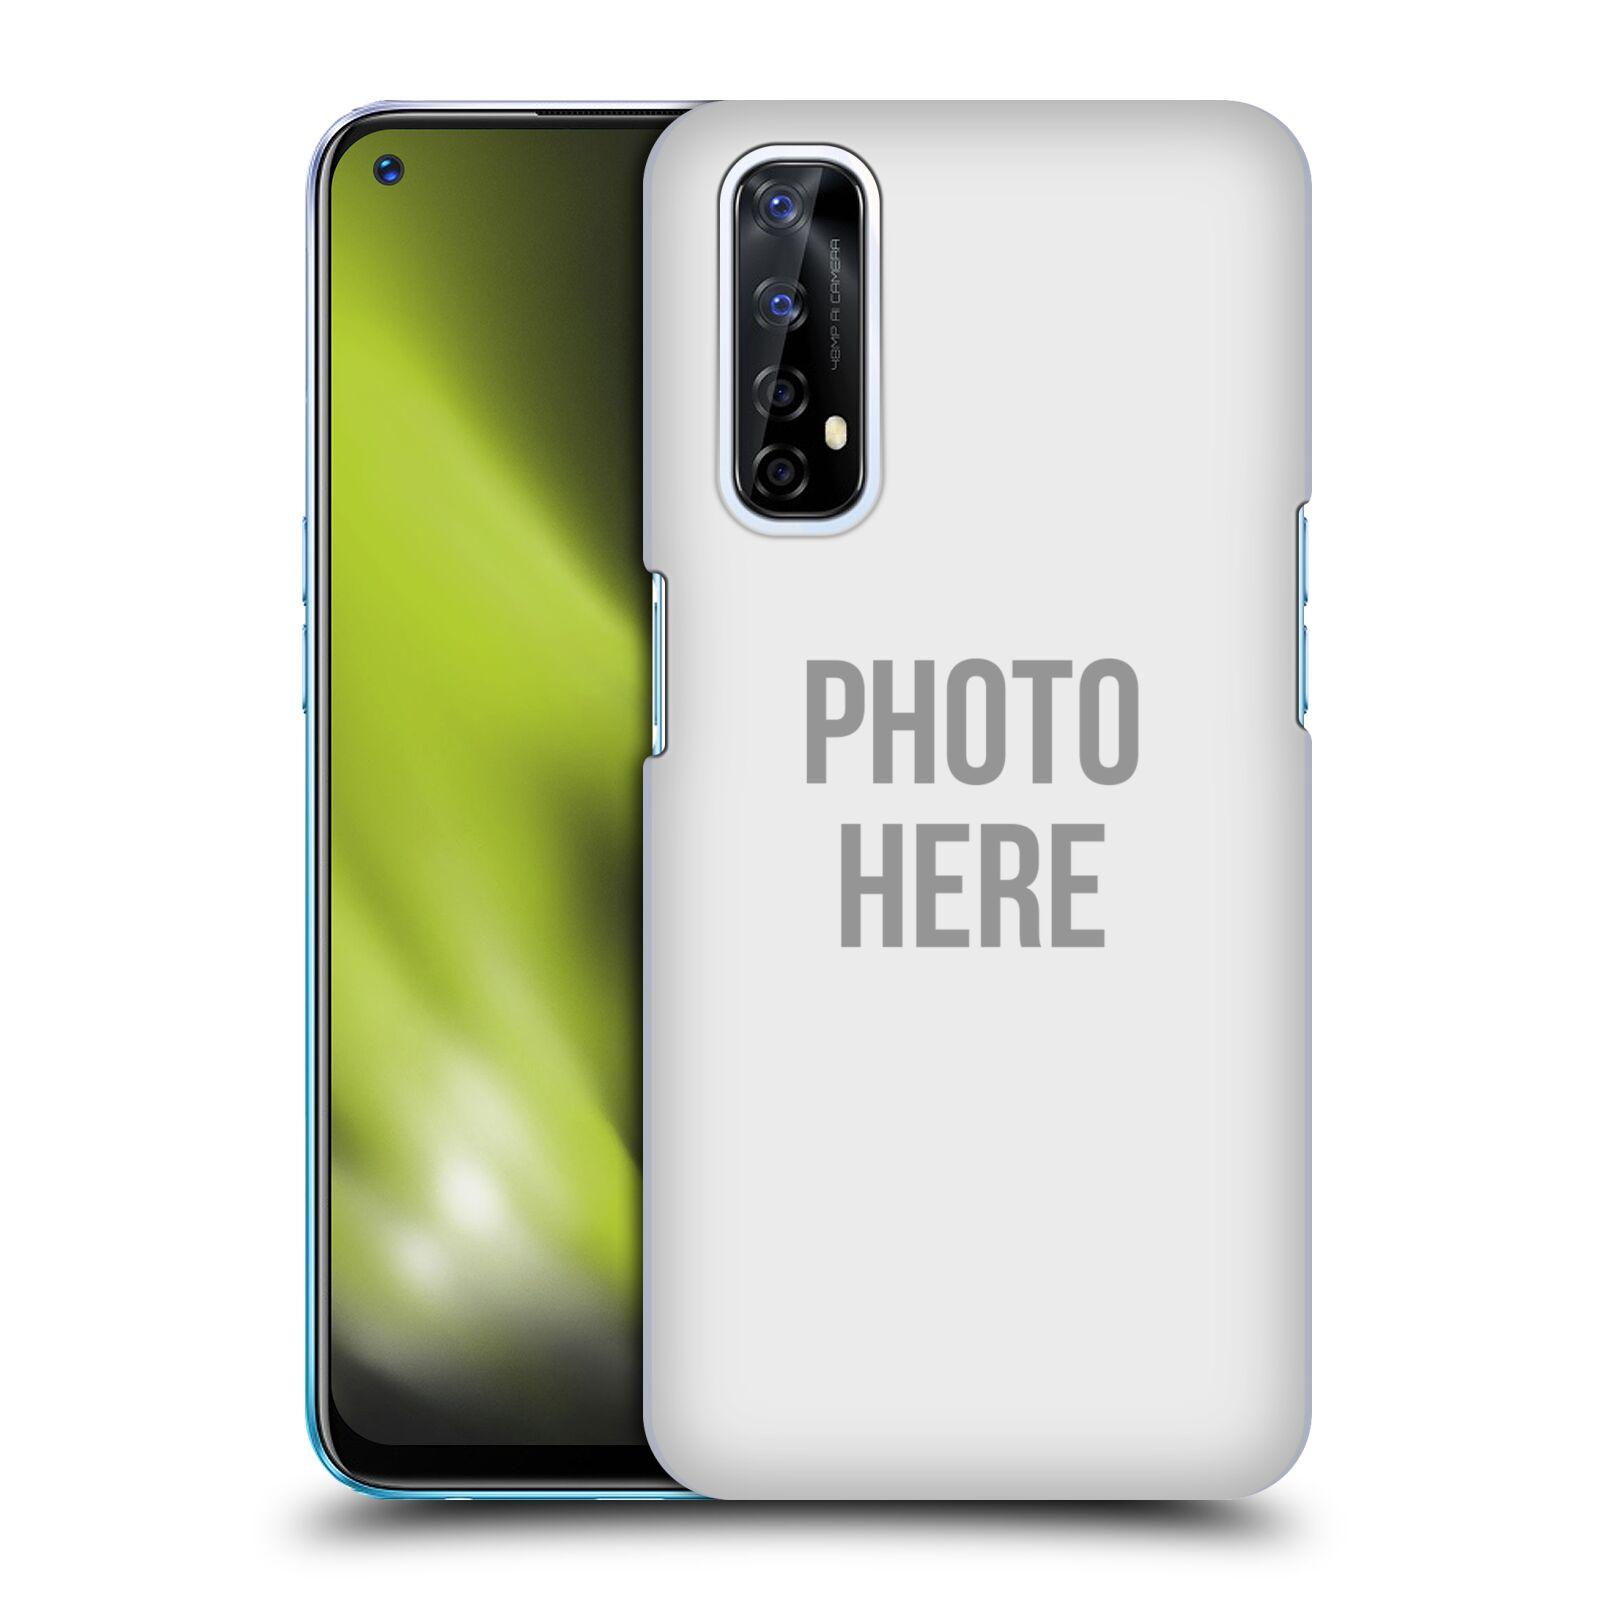 Plastové pouzdro na mobil Realme 7 s vlastním motivem